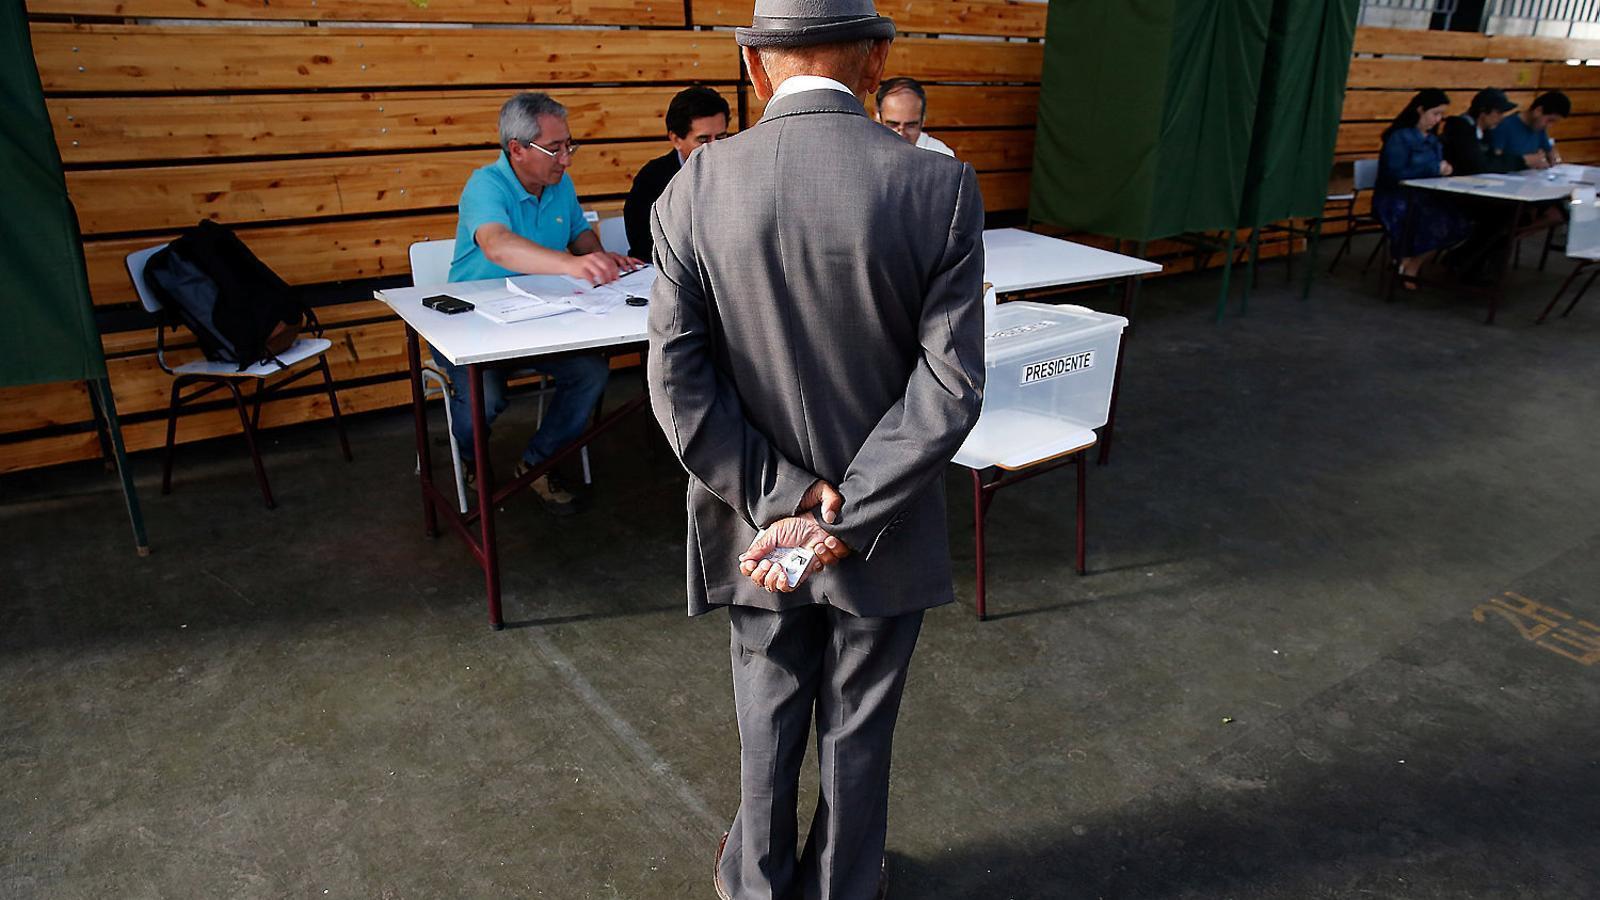 Un home esperant el torn per votar en un dels centres de votació situats a Santiago de Xile, la capital del país.